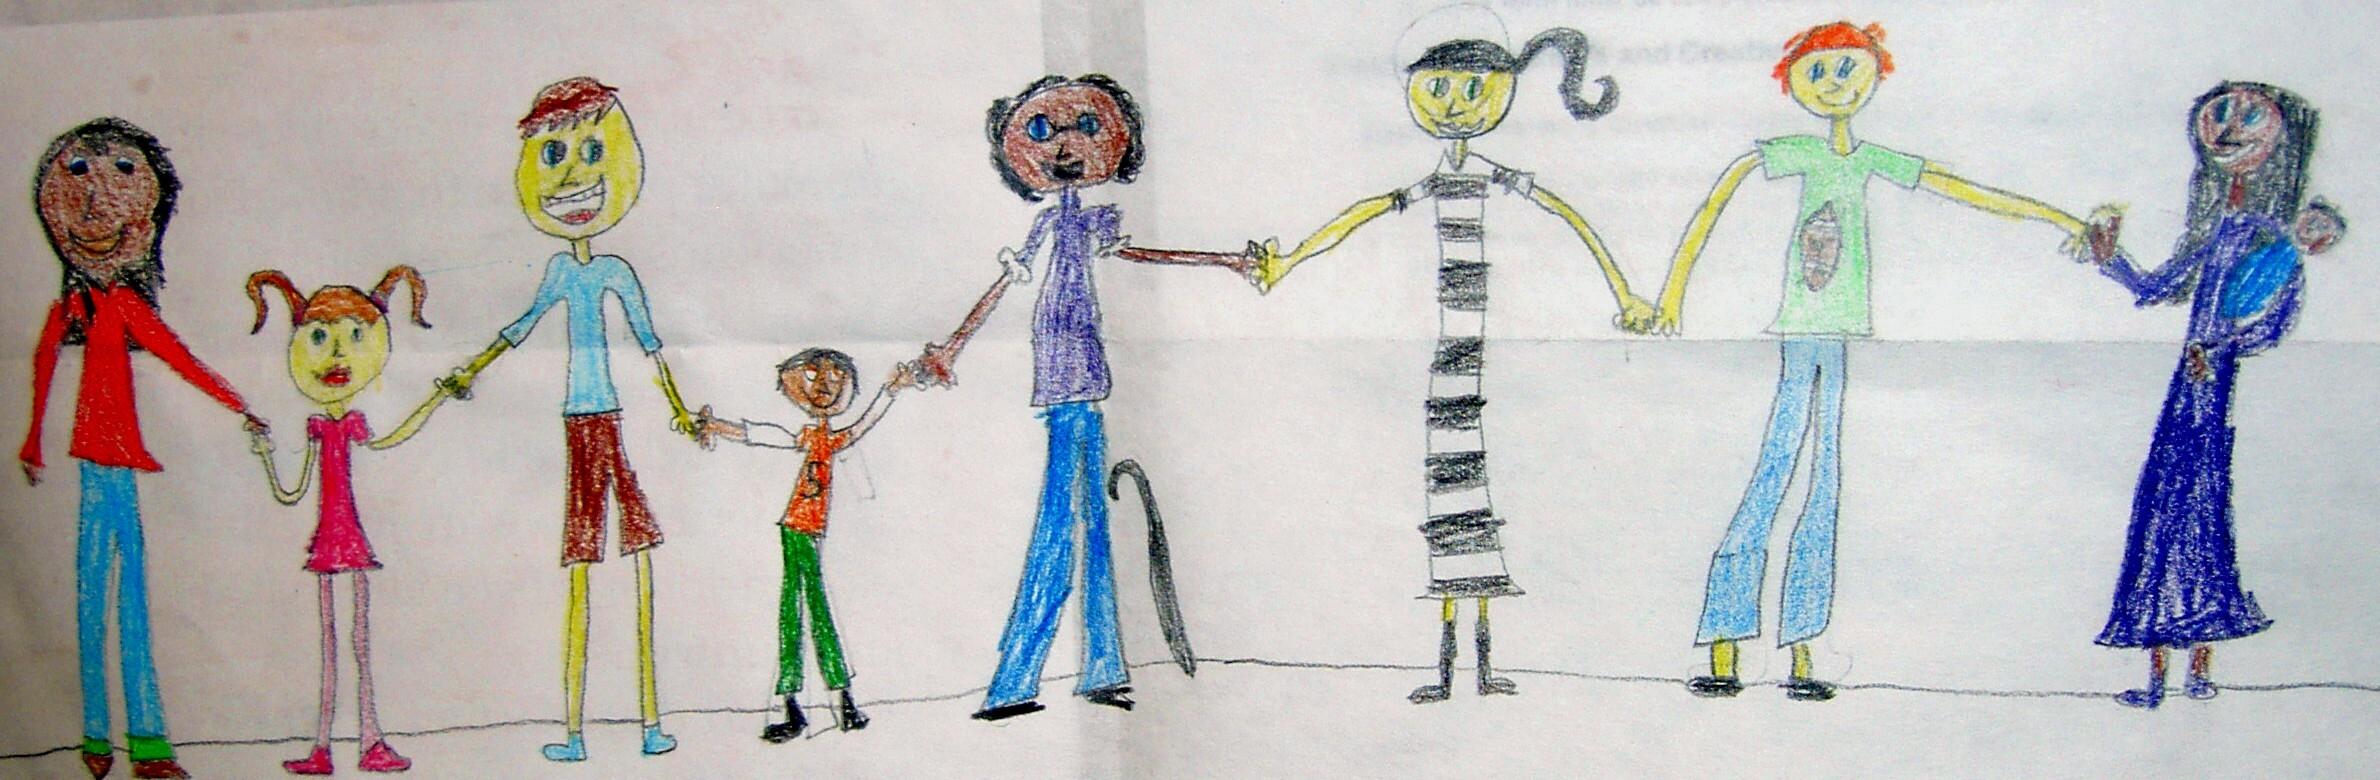 psicologia infantil y la funcio educativa